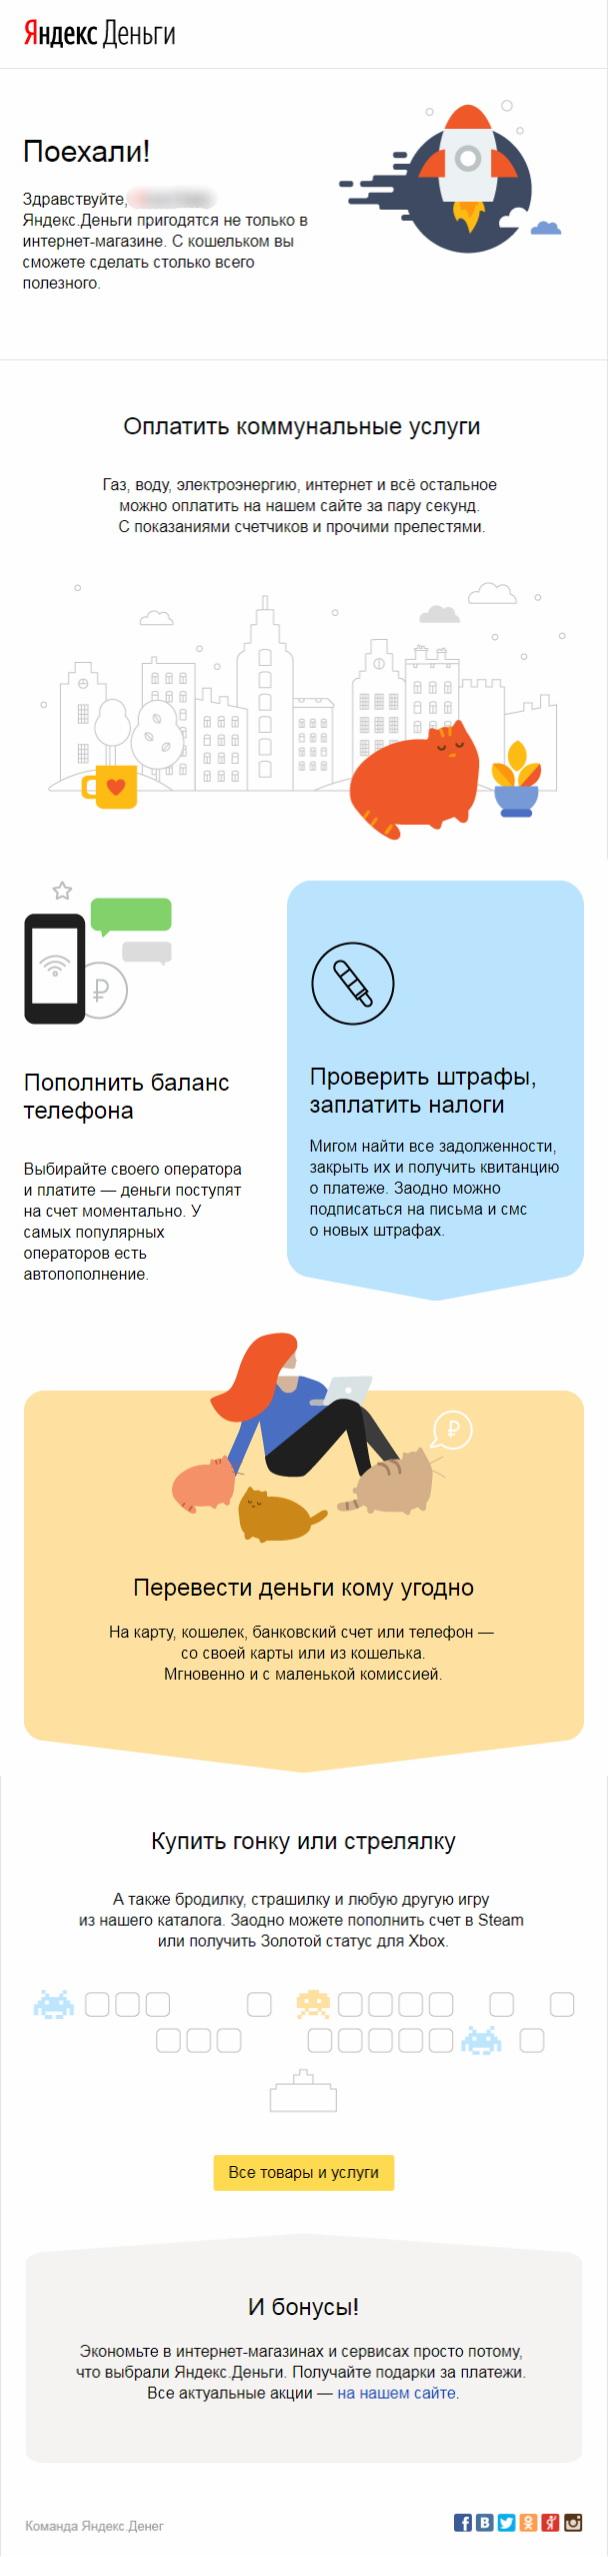 Второе письмо в цепочке от компании «Яндекс.Деньги»